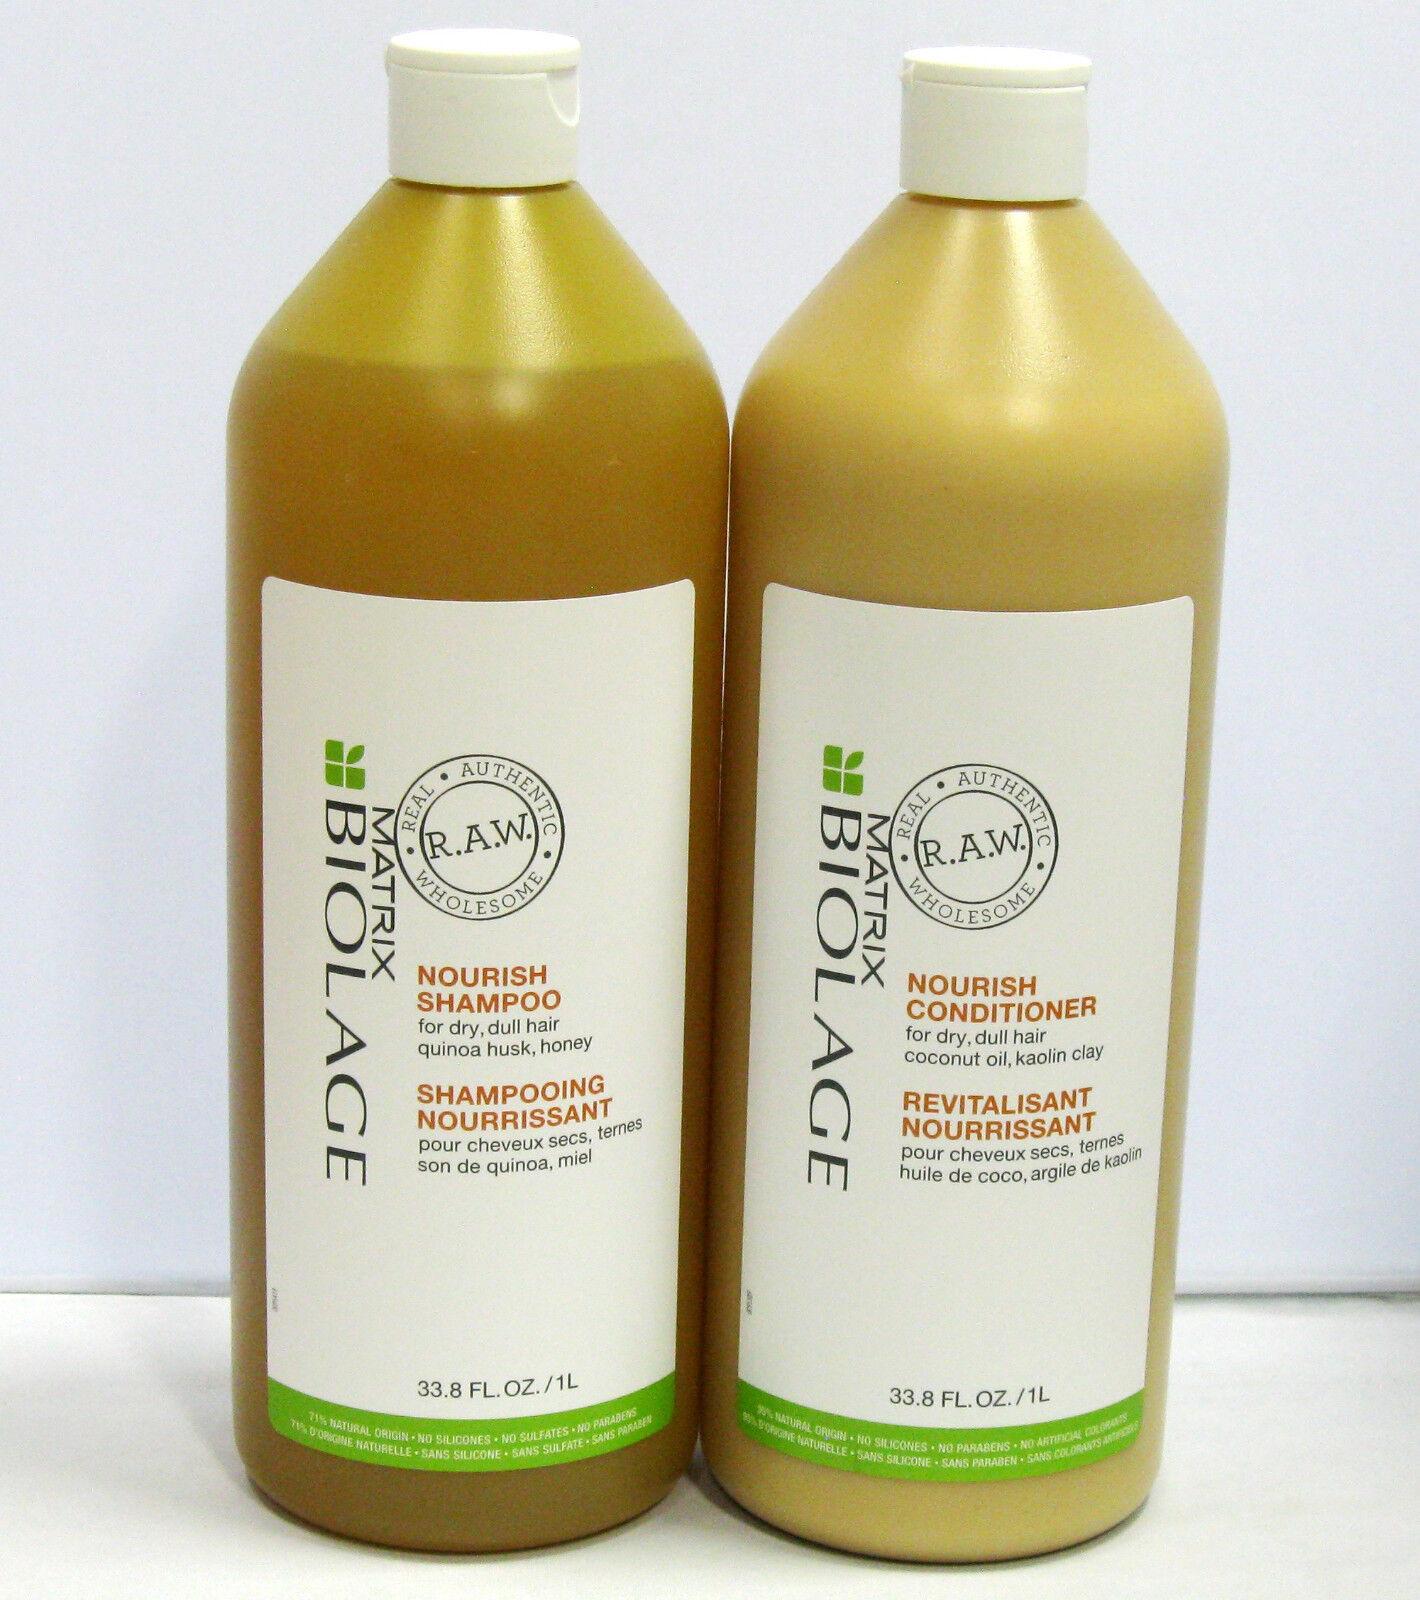 Biolage RAW Nourish Shampoo Conditioner 33.8 oz Liter Set Duo PACK Matrix